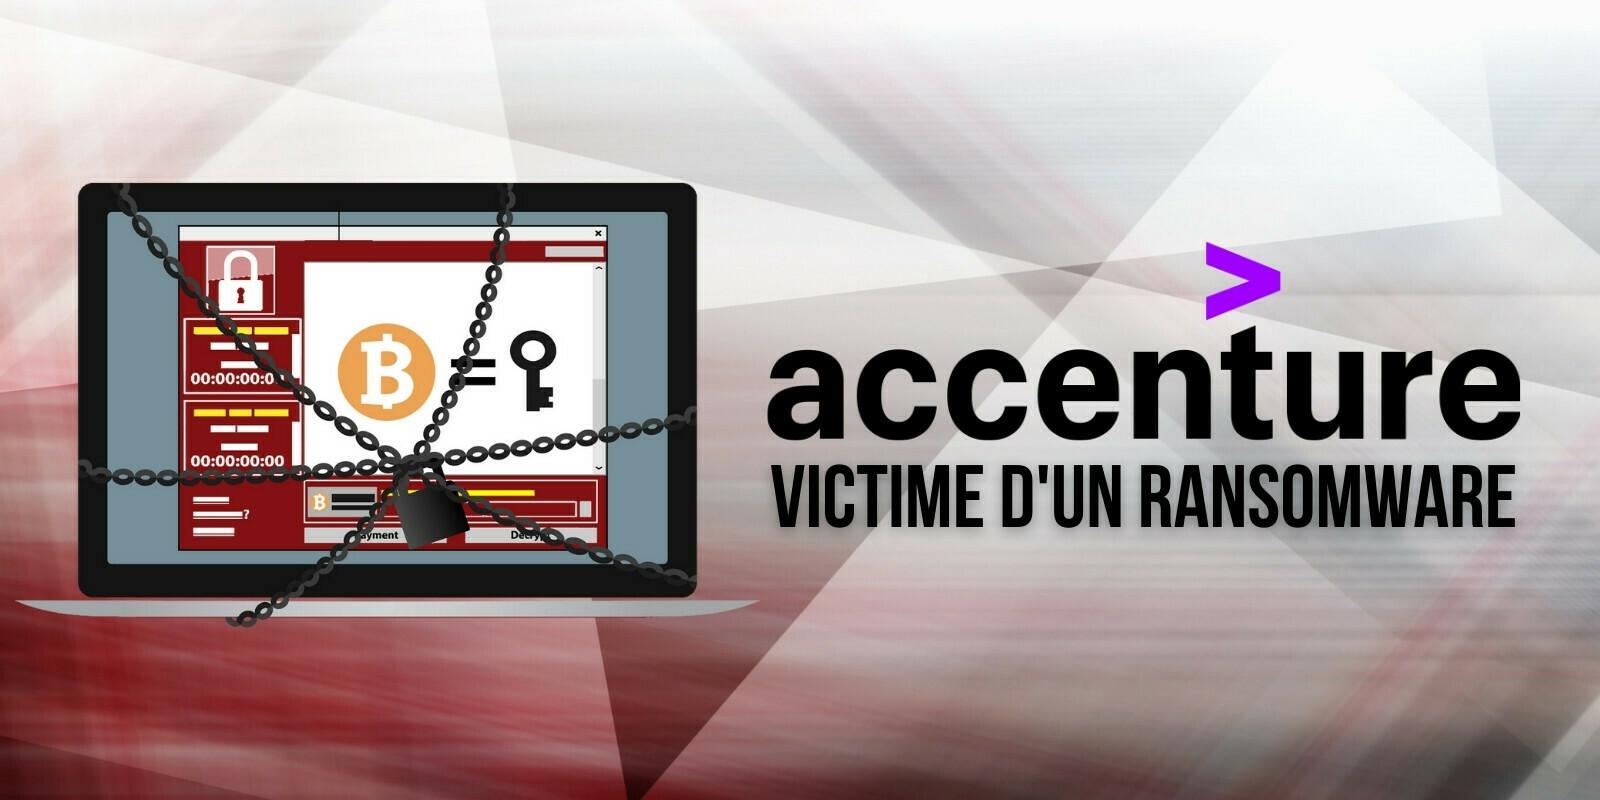 Le géant de l'informatique Accenture visé par un ransomware Bitcoin (BTC)